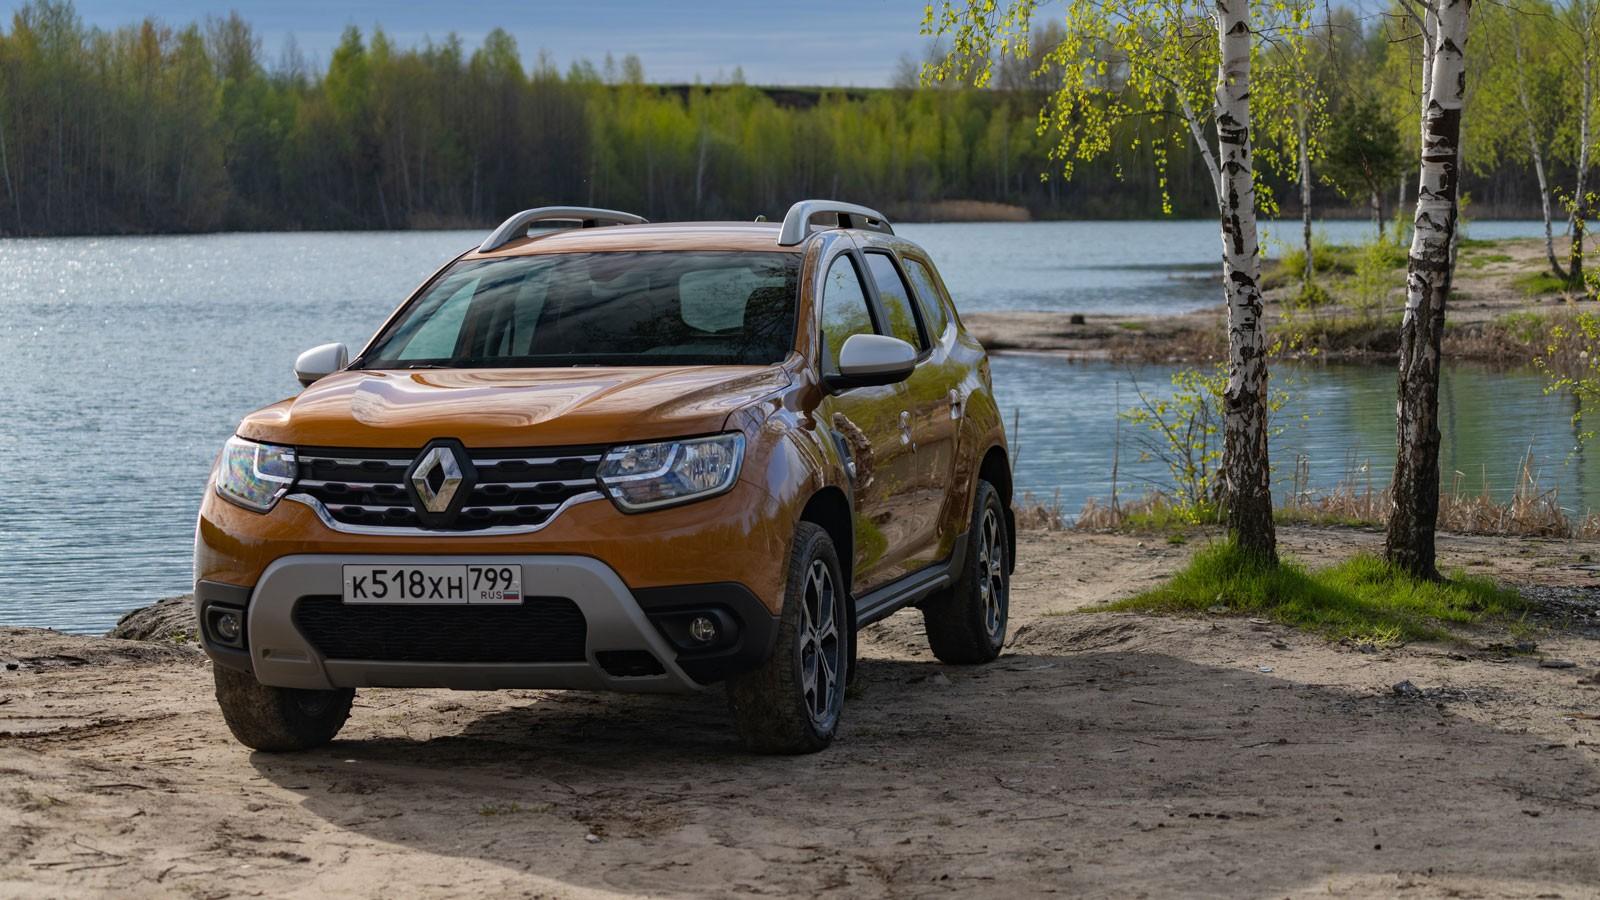 Тяговитее дизеля и с внедорожными настройками: тест-драйв Renault Duster с мотором 1,3 и CVT